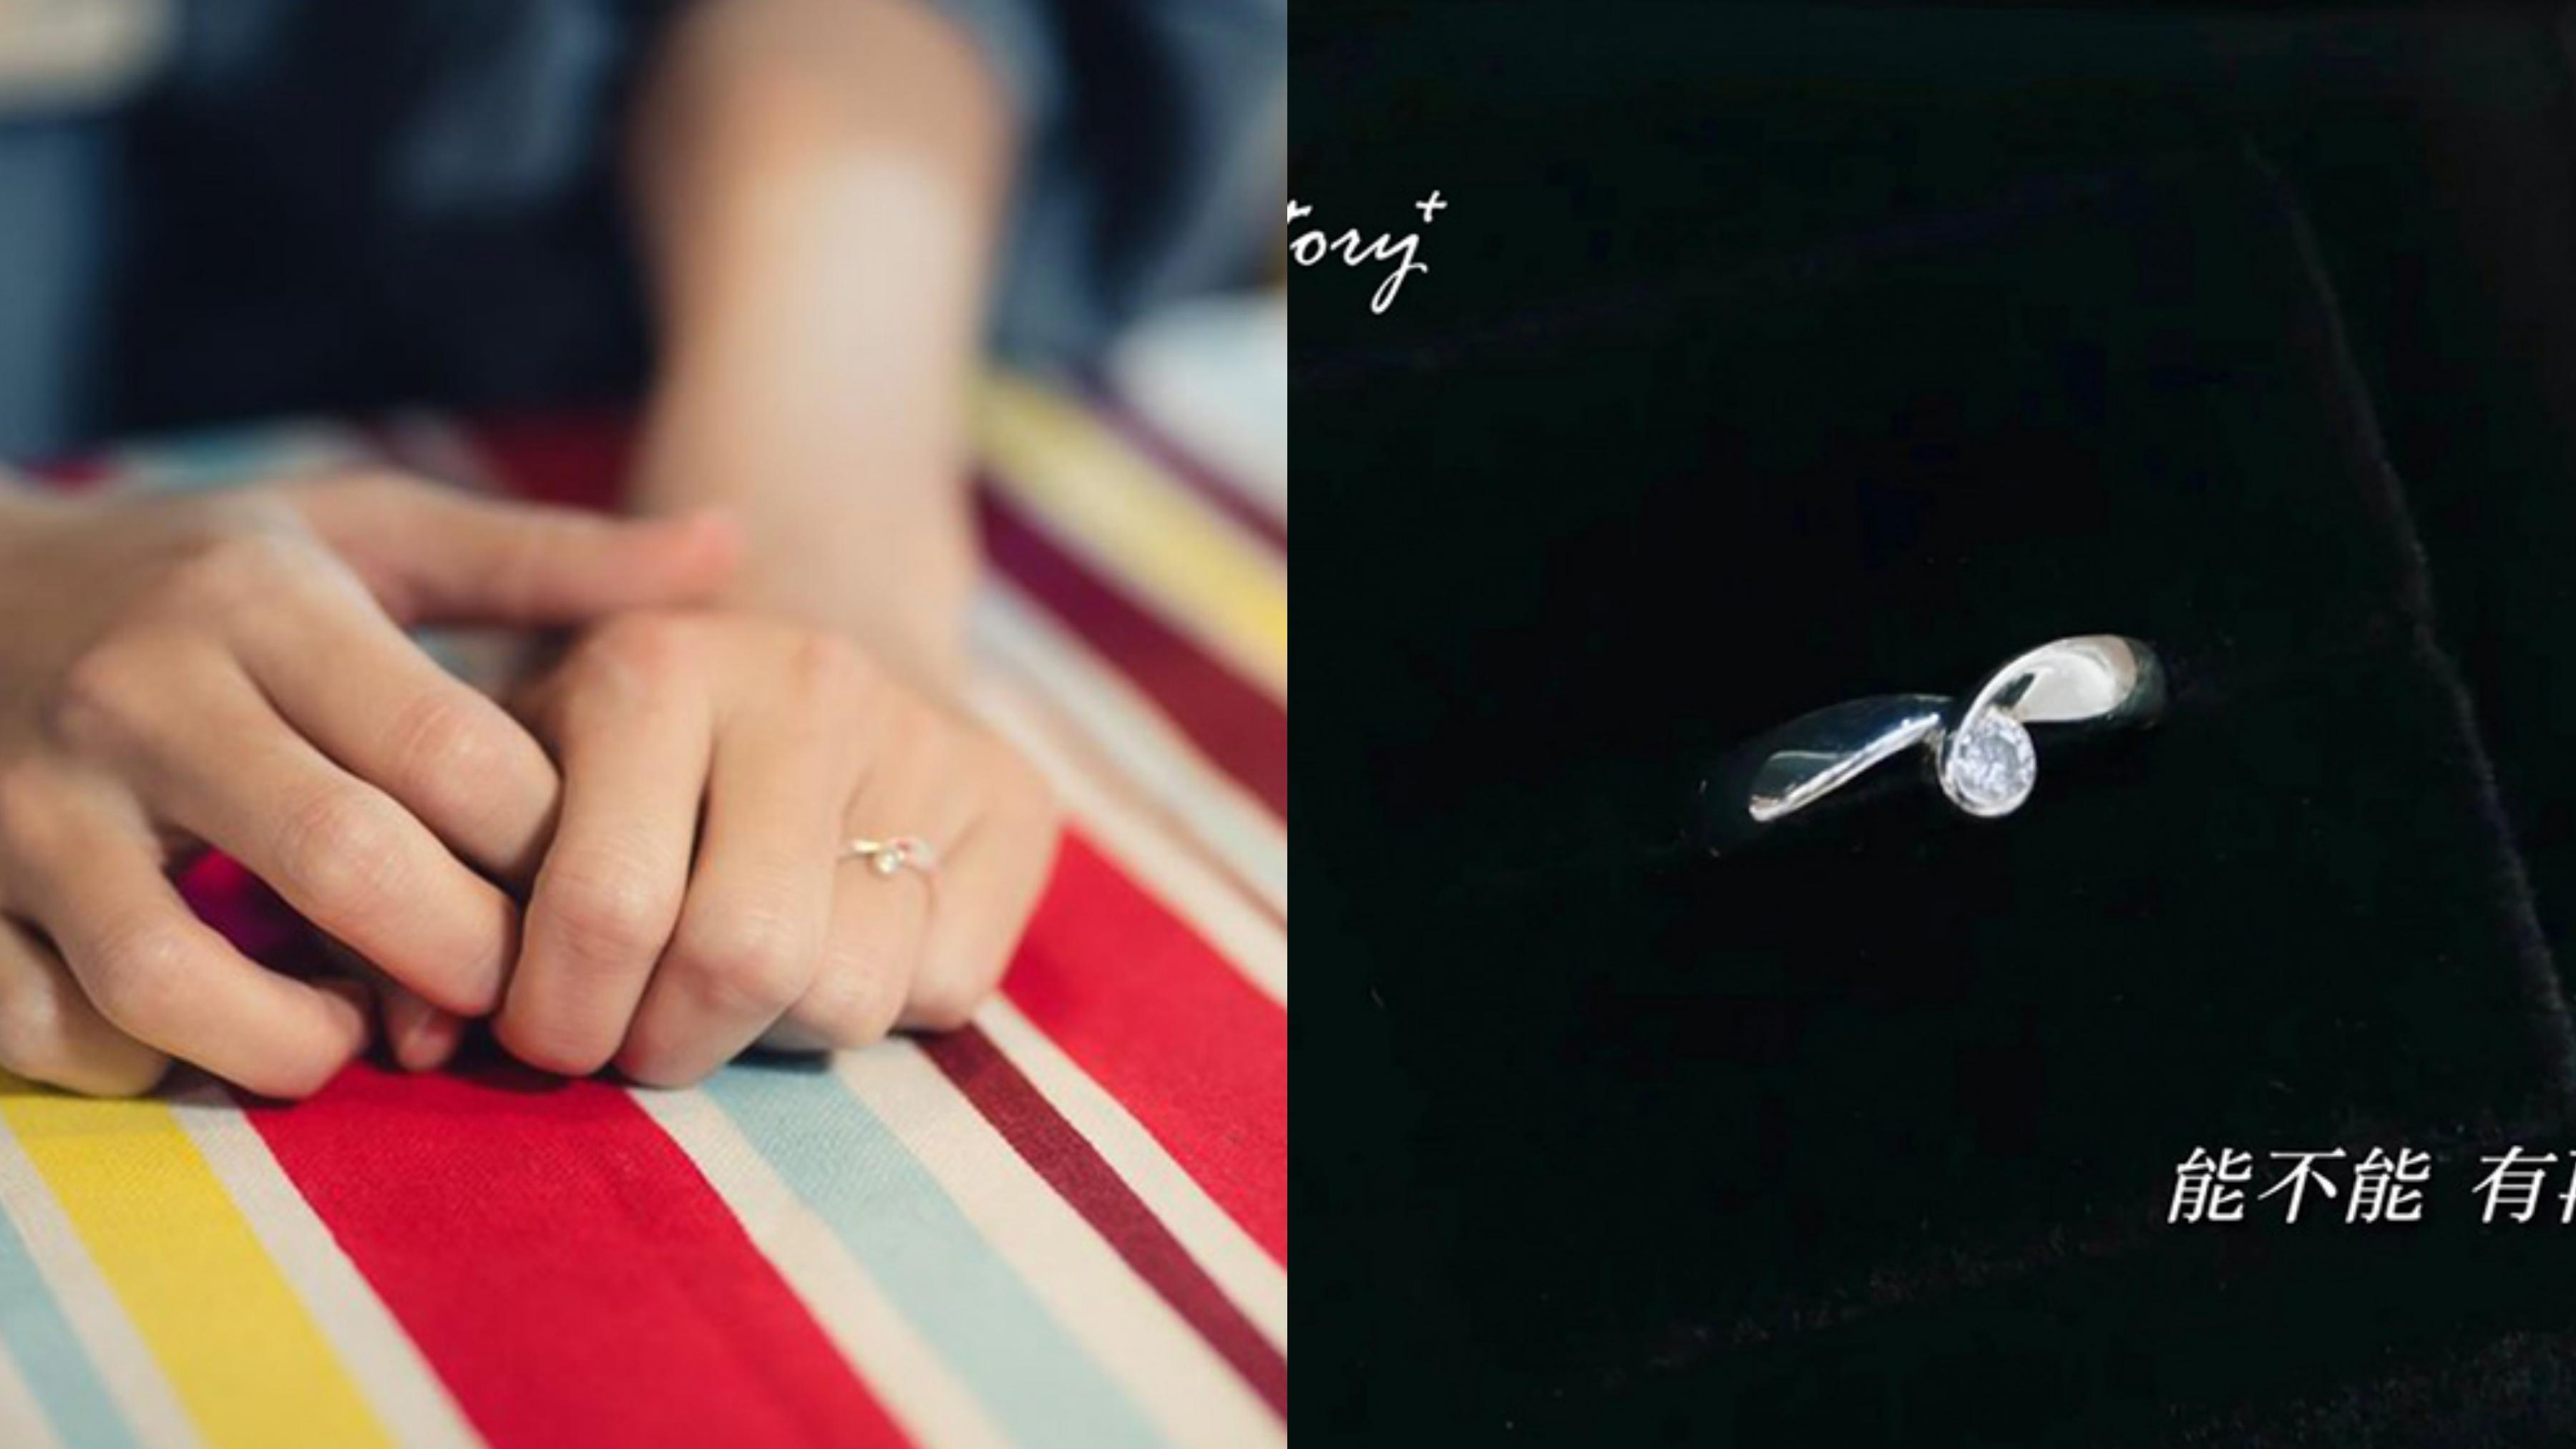 裡面的戒指有著特殊的意義,這個莫比烏斯環,代表著是無限、是永恆,也是此時此刻。